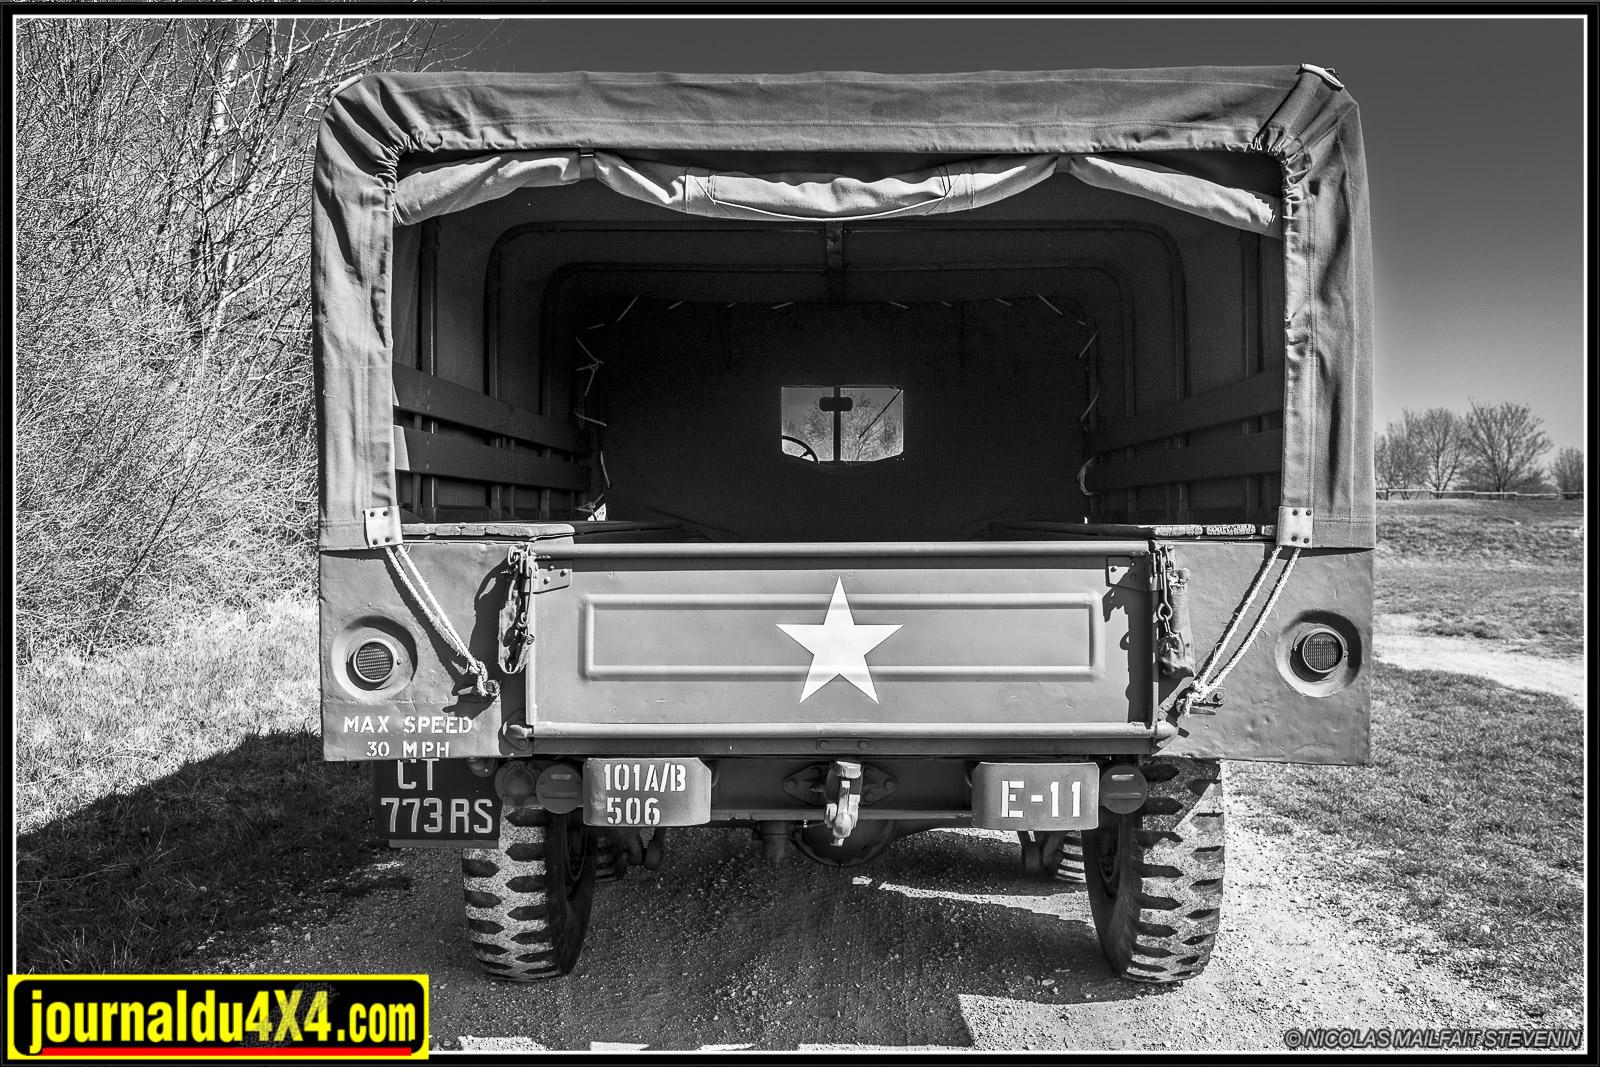 la large partie arrière permettait de transporter des hommes de troupe ou dumatériel